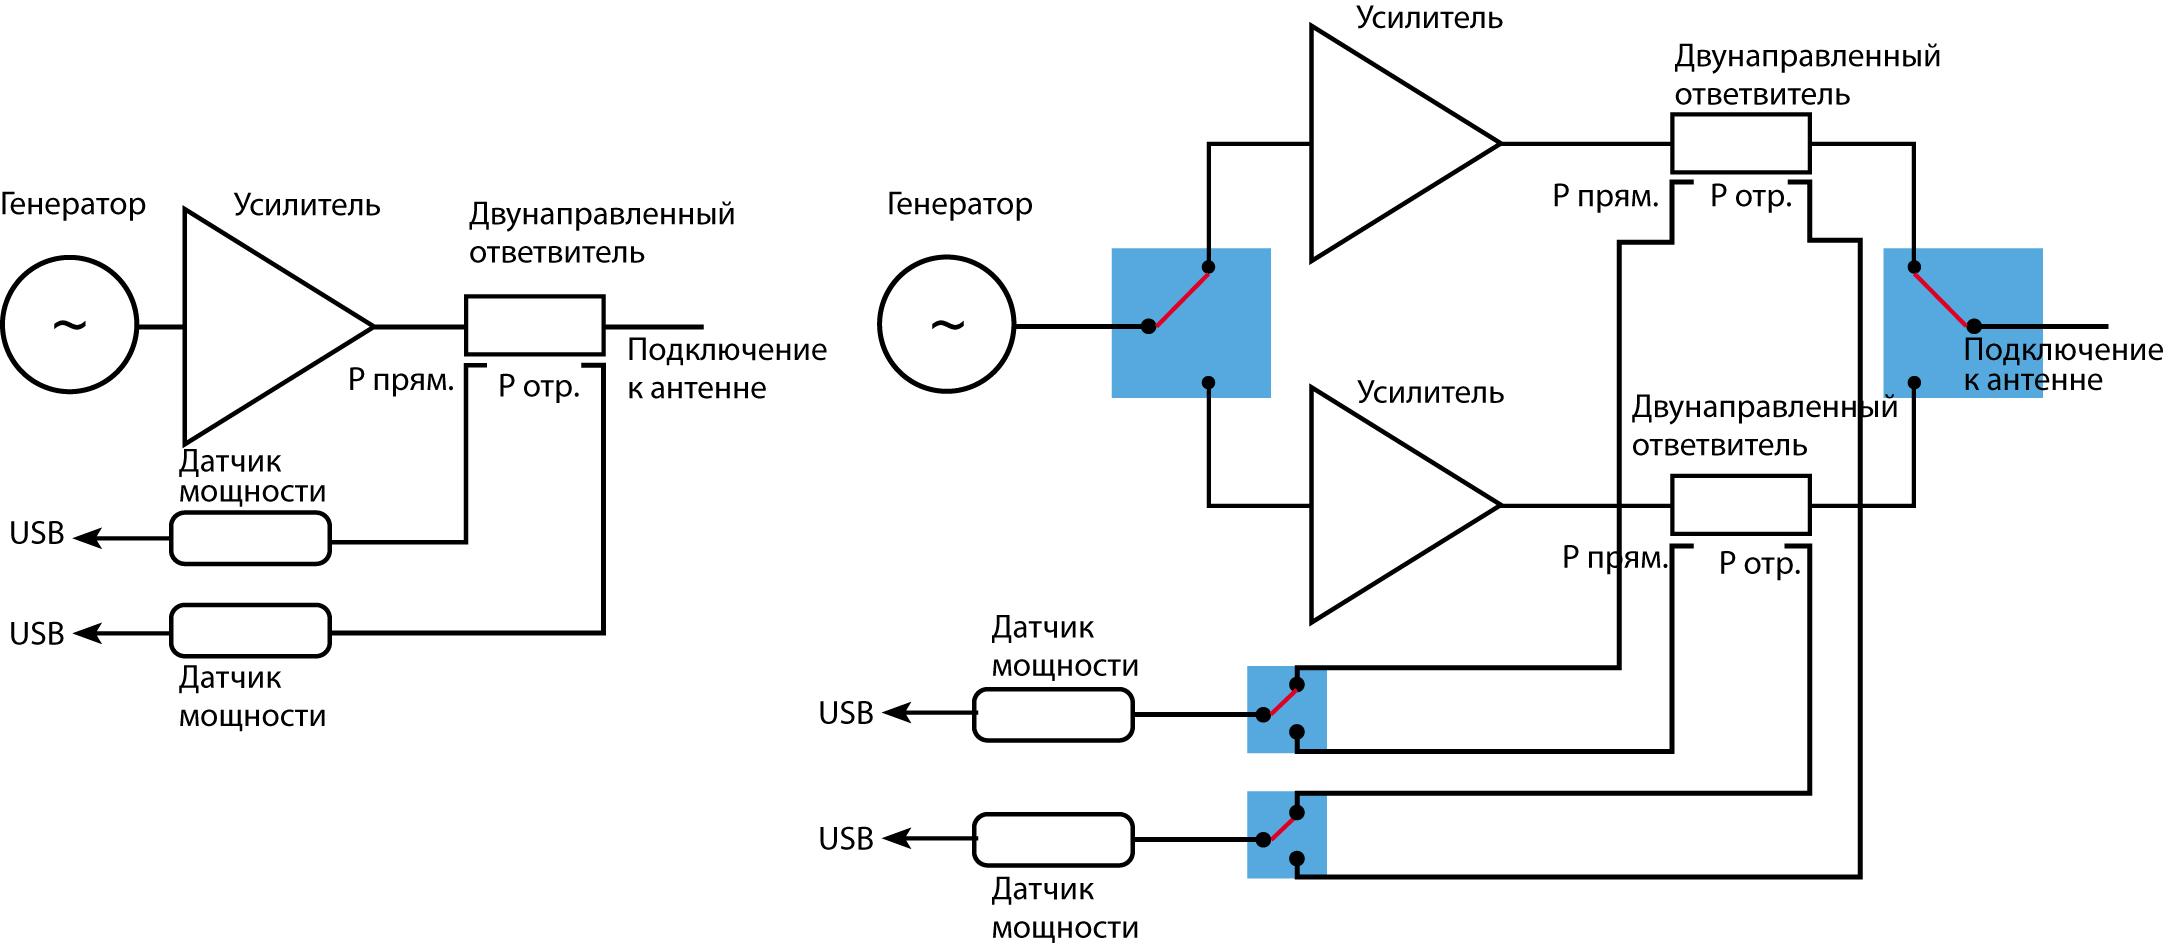 Традиционные системы с однополосными и двухполосными РЧ-усилителями